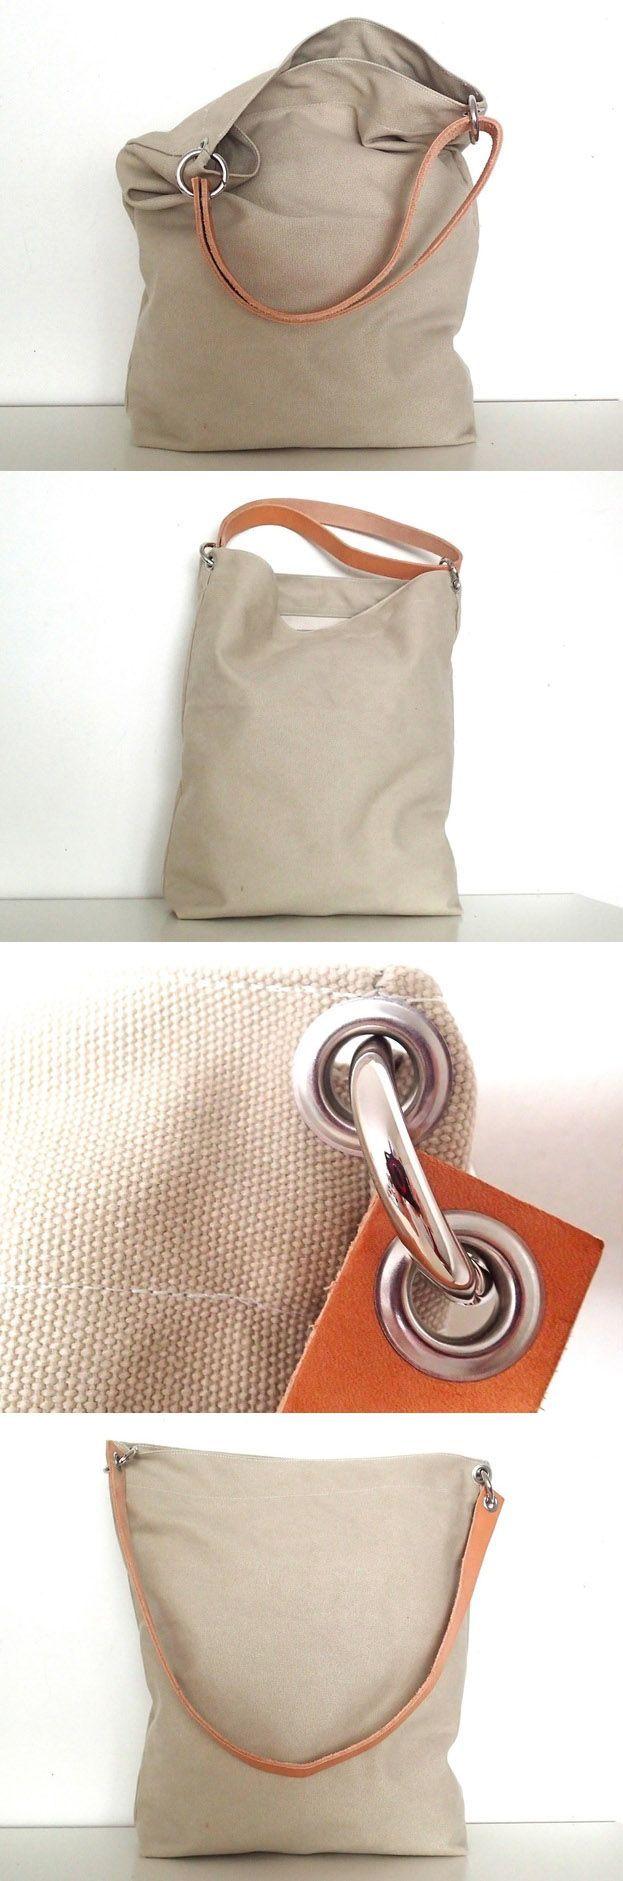 canvas tasche tessa hellbeige mit leder n hen taschen t schchen sewing bags pouches. Black Bedroom Furniture Sets. Home Design Ideas